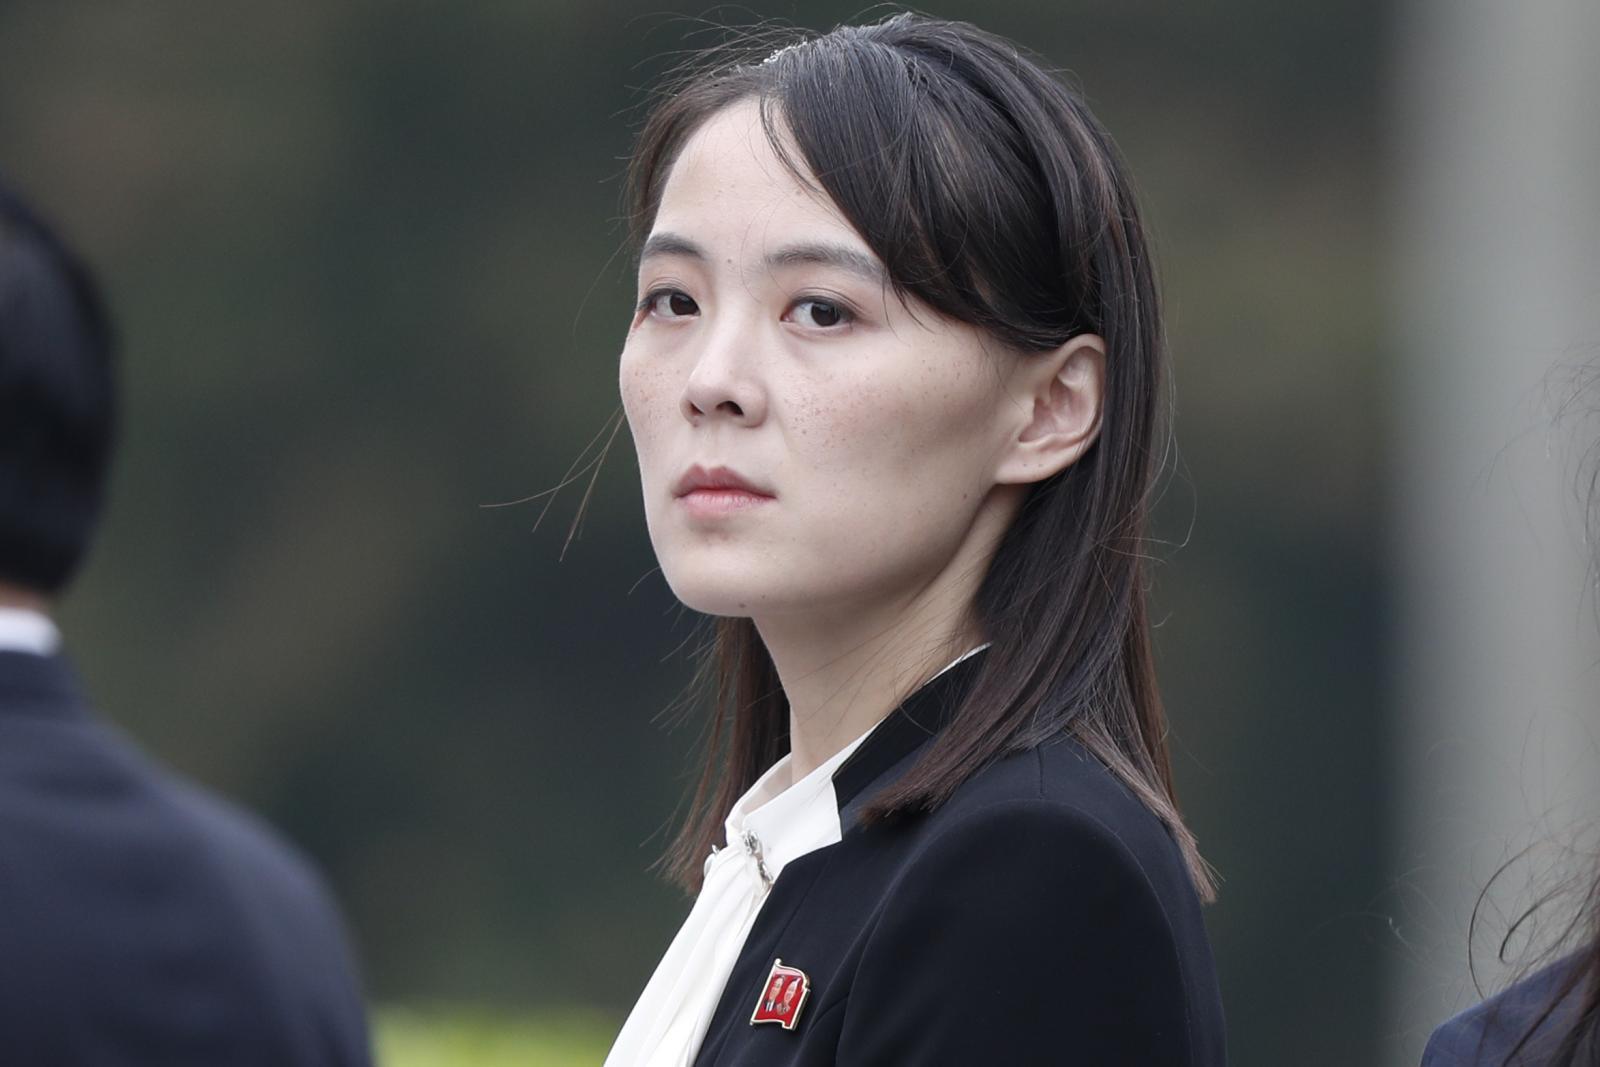 เกาหลีเหนือ, คิมโยจอง, ข่าวต่างประเทศ, คิม จองอึน, คิม จองอึน ป่วย